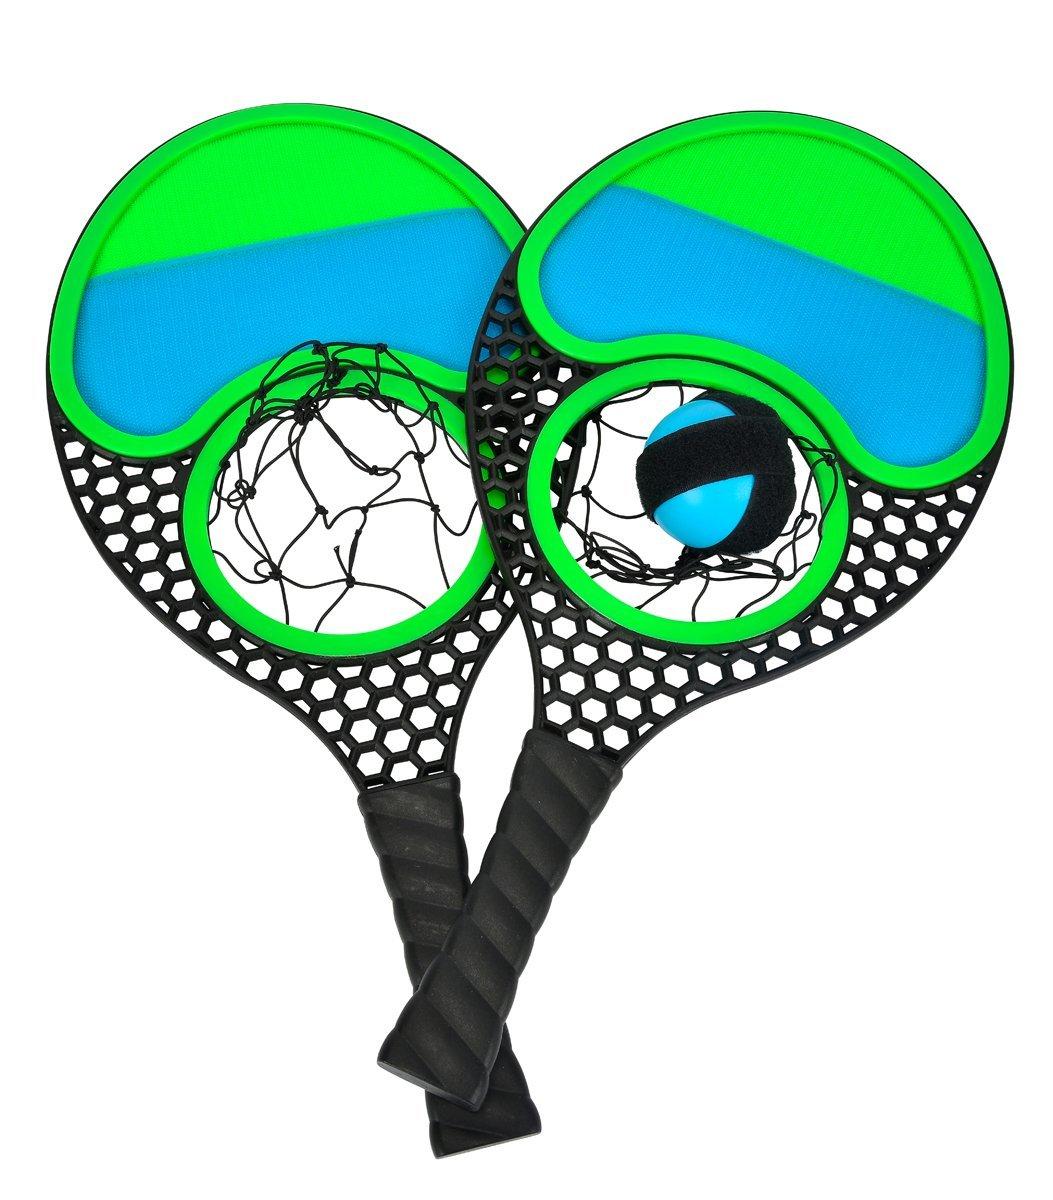 Набор для игры в теннис с мячом и ракеткой, 49 см